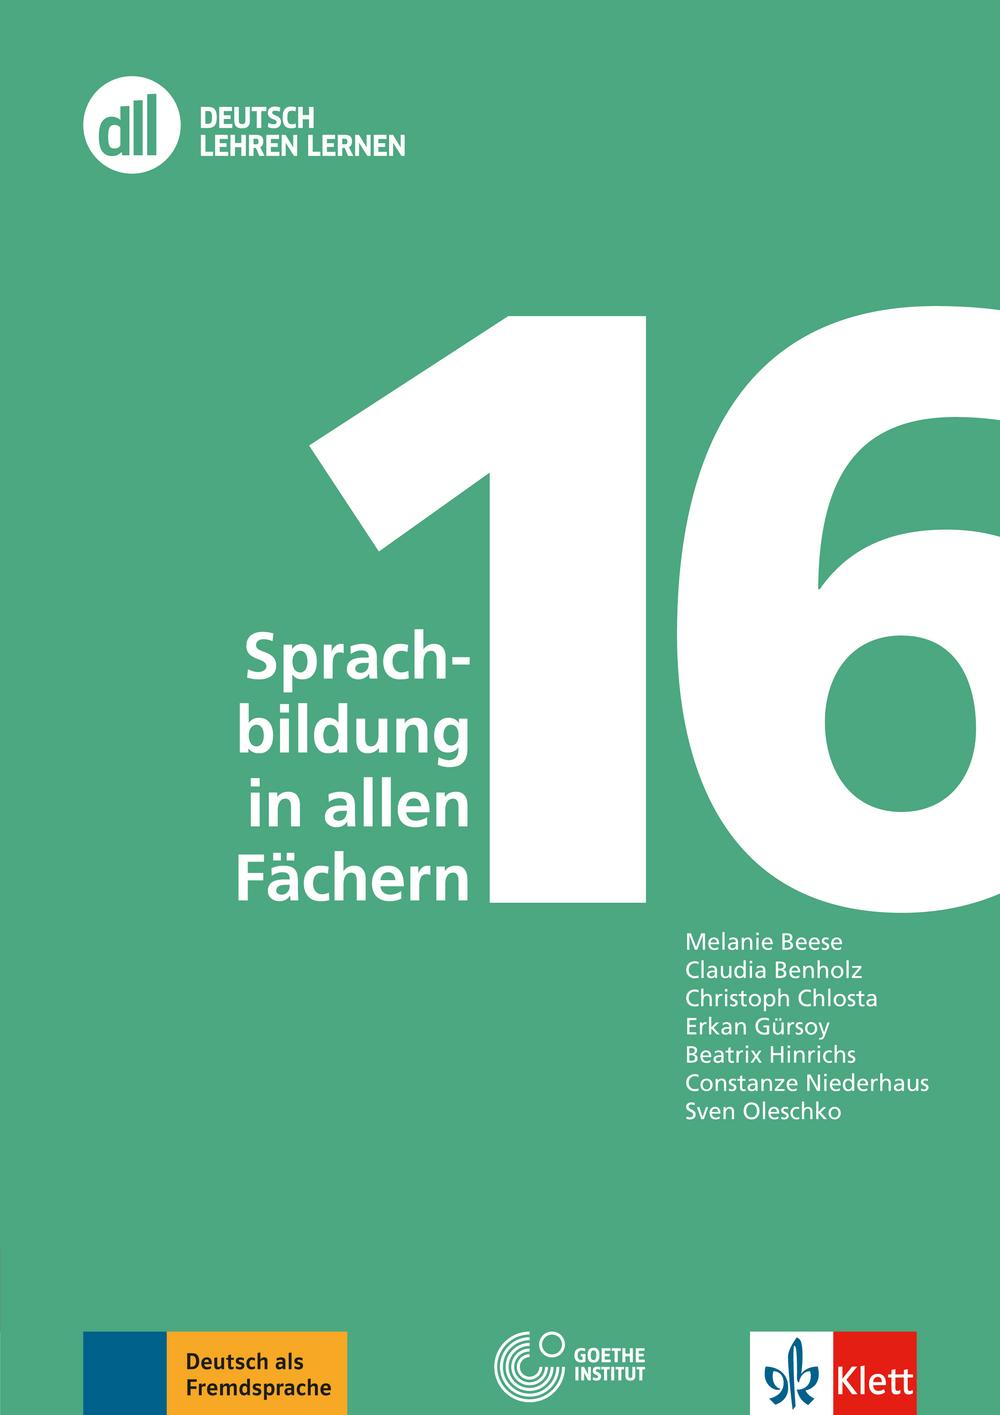 DLL 16: Sprachbildung in allen Fächern